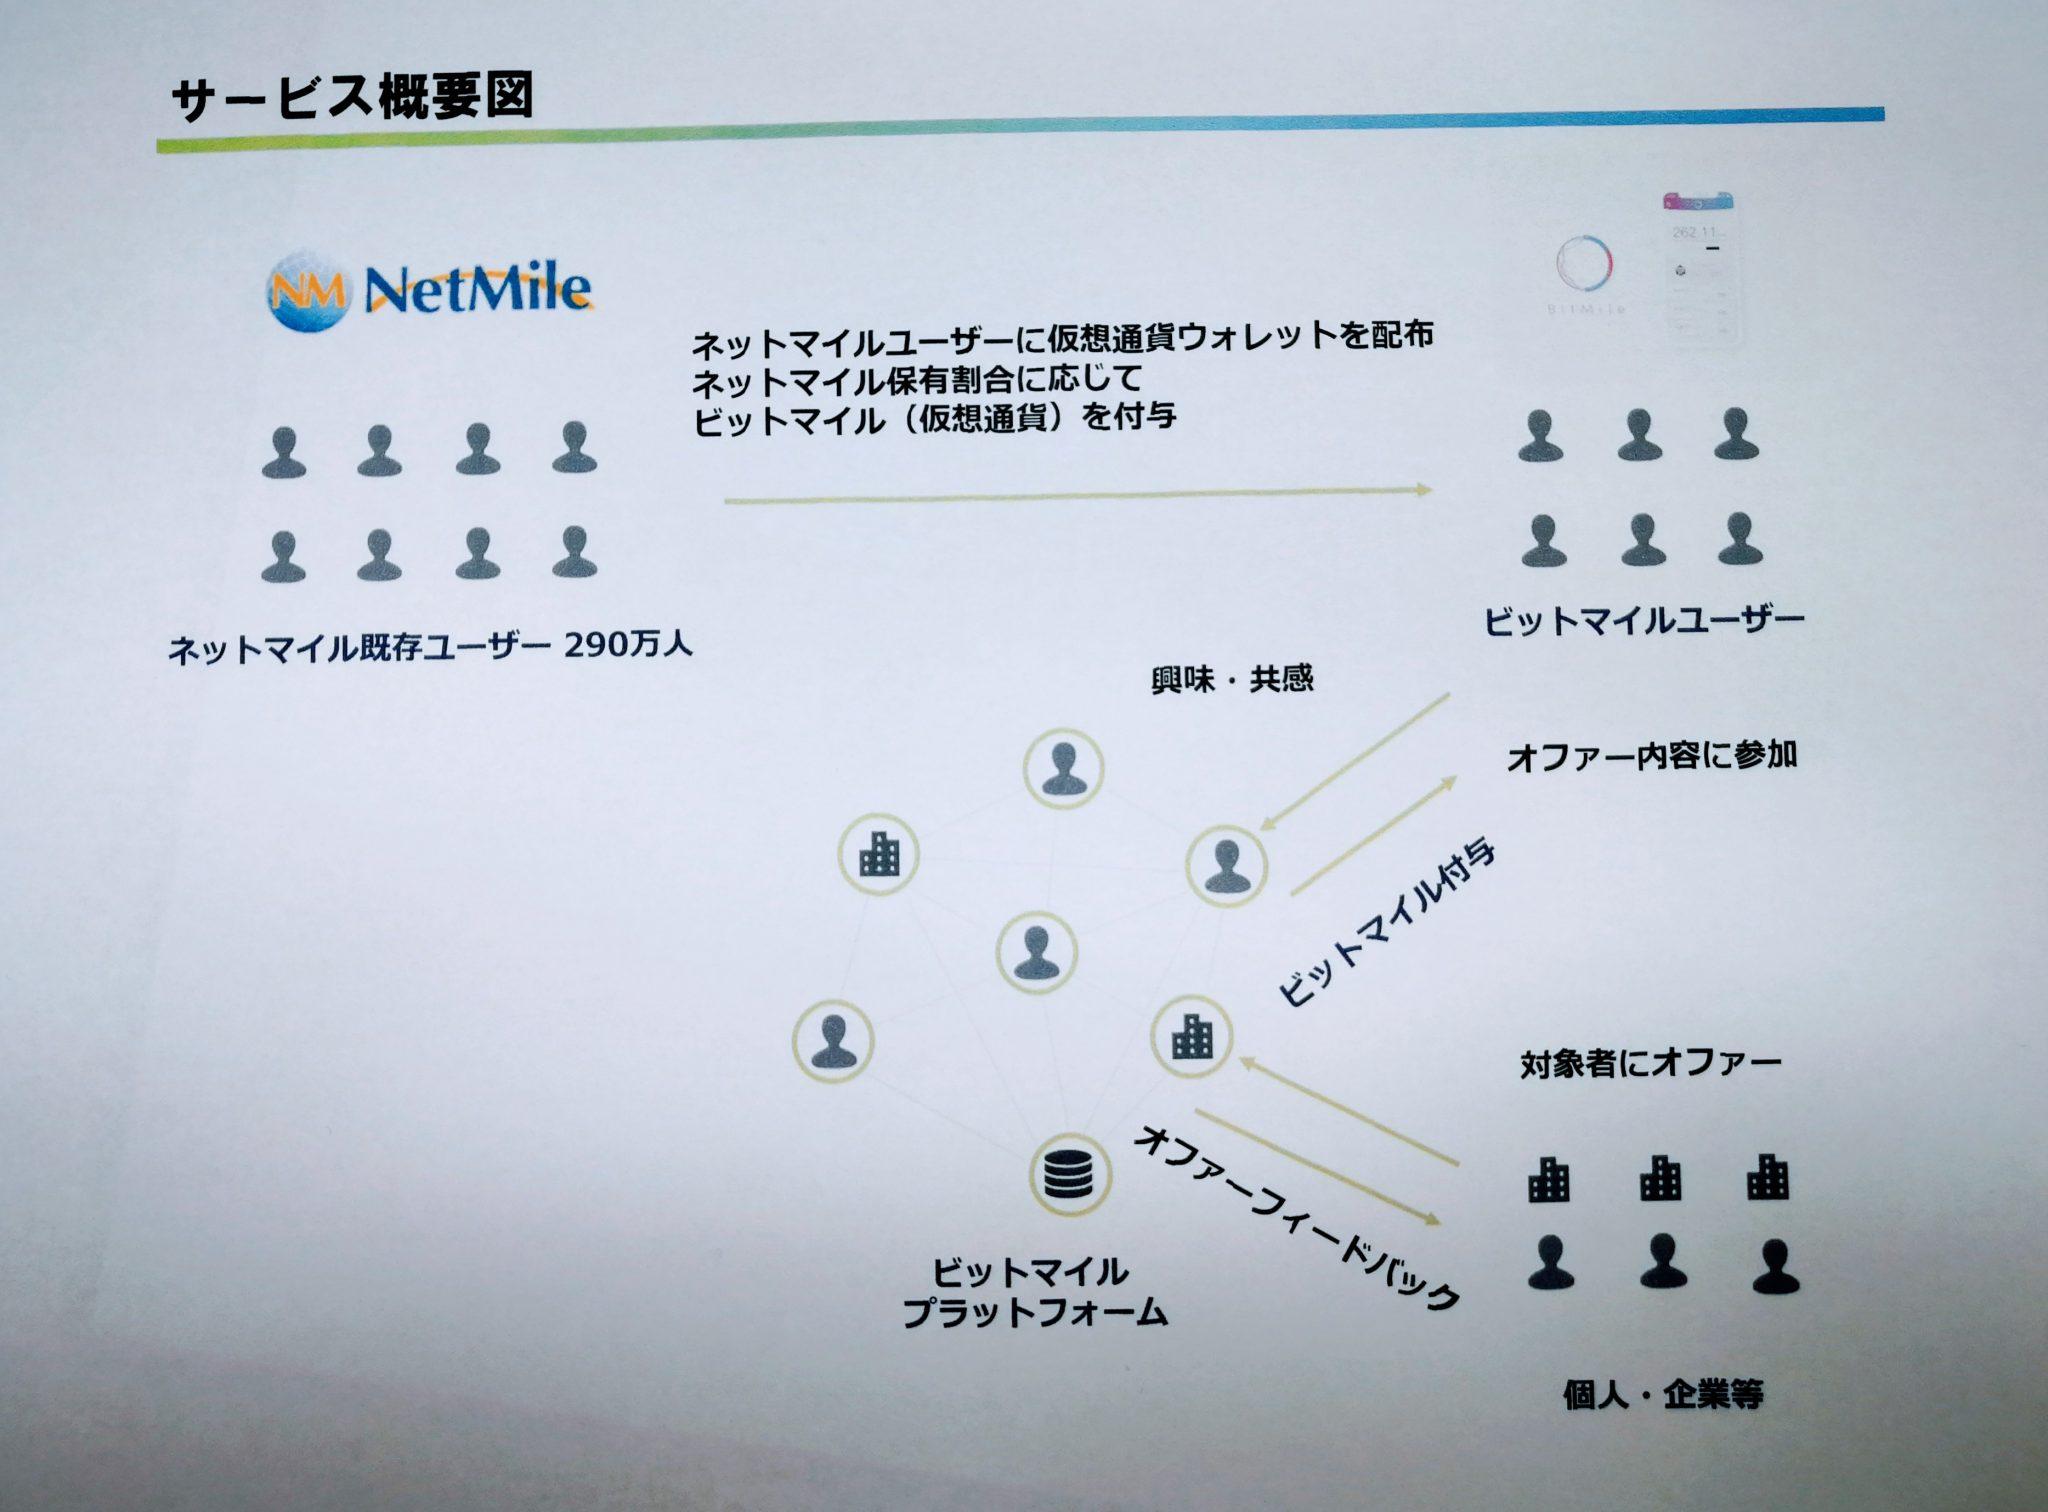 リミックスポイント、株主にビットコイン配布 万円相当 - ITmedia ビジネスオンライン